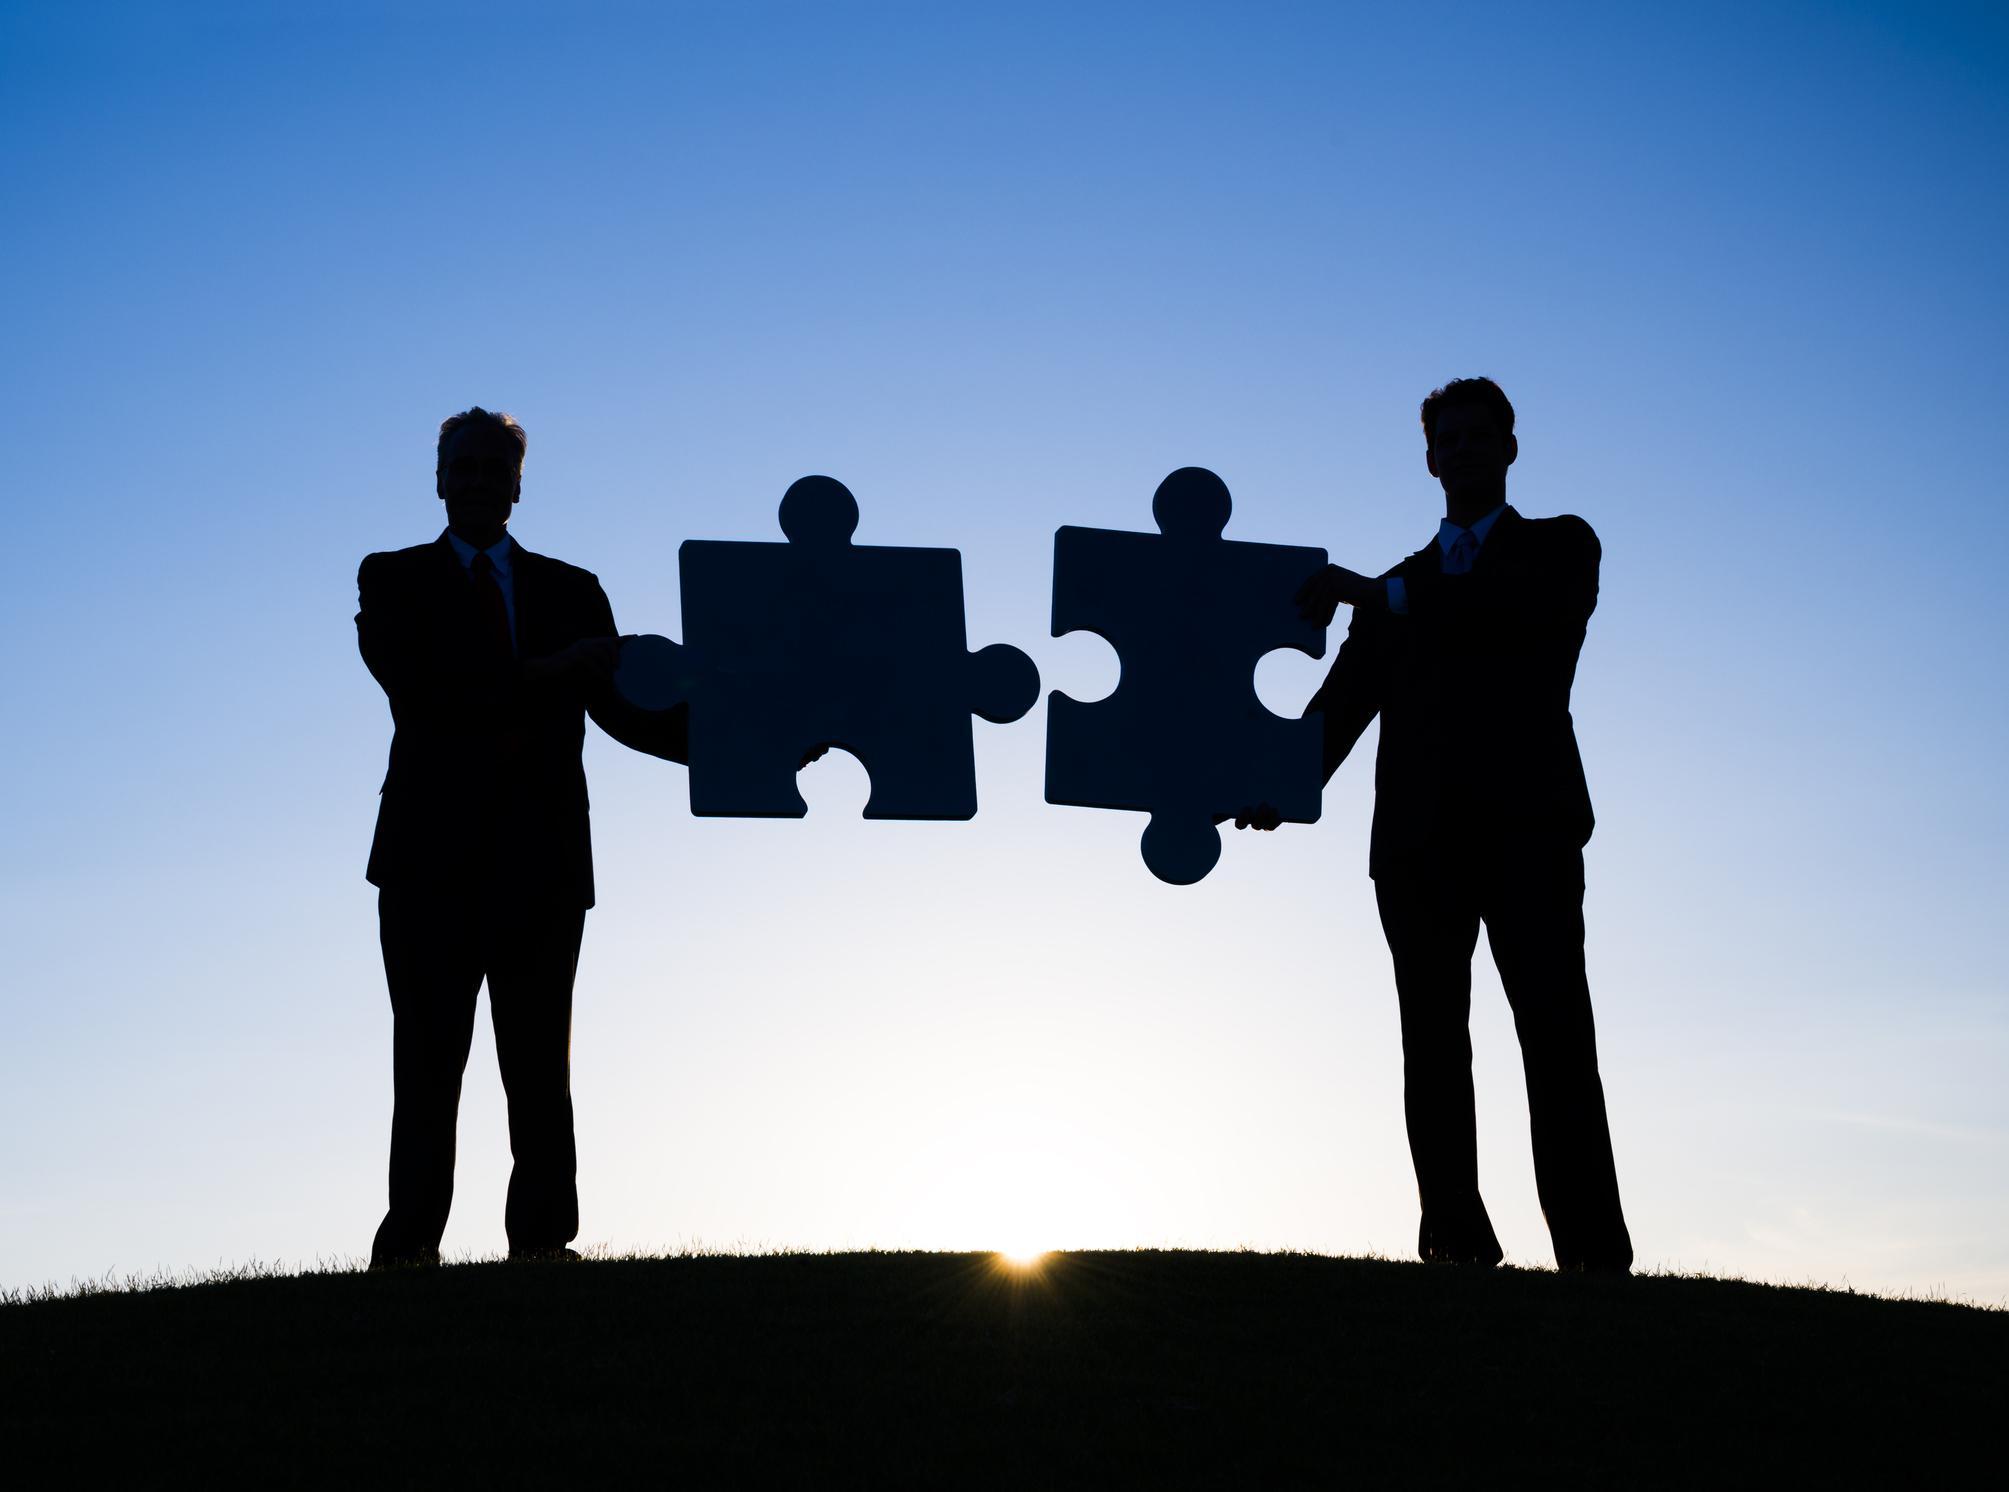 Fusioni - Acquisizioni - Transazioni societarie (3) Imc